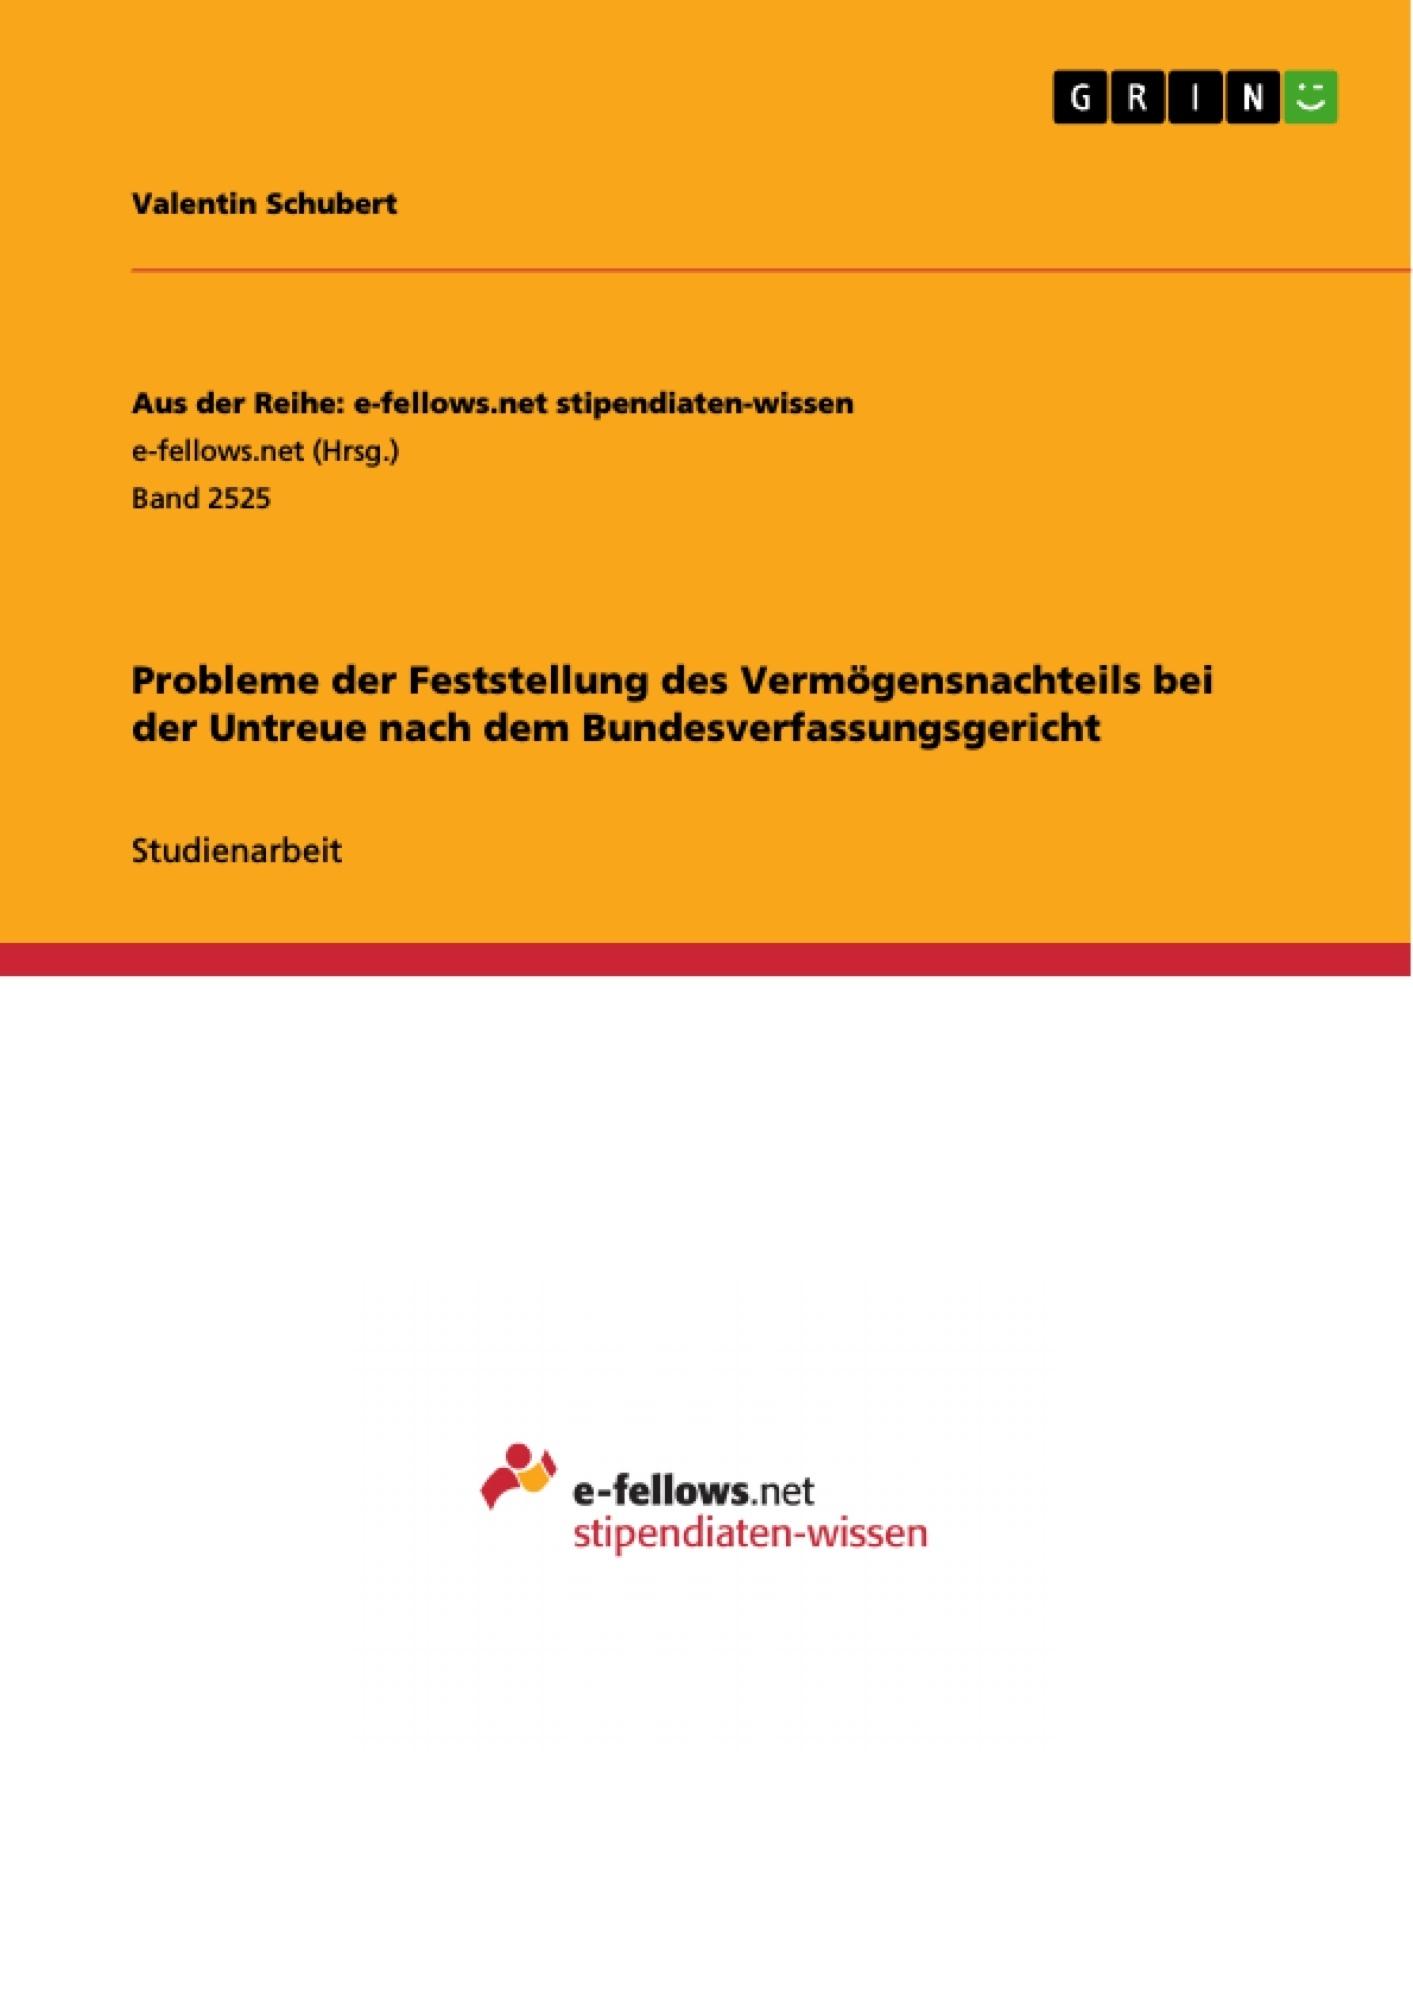 Titel: Probleme der Feststellung des Vermögensnachteils bei der Untreue nach dem Bundesverfassungsgericht